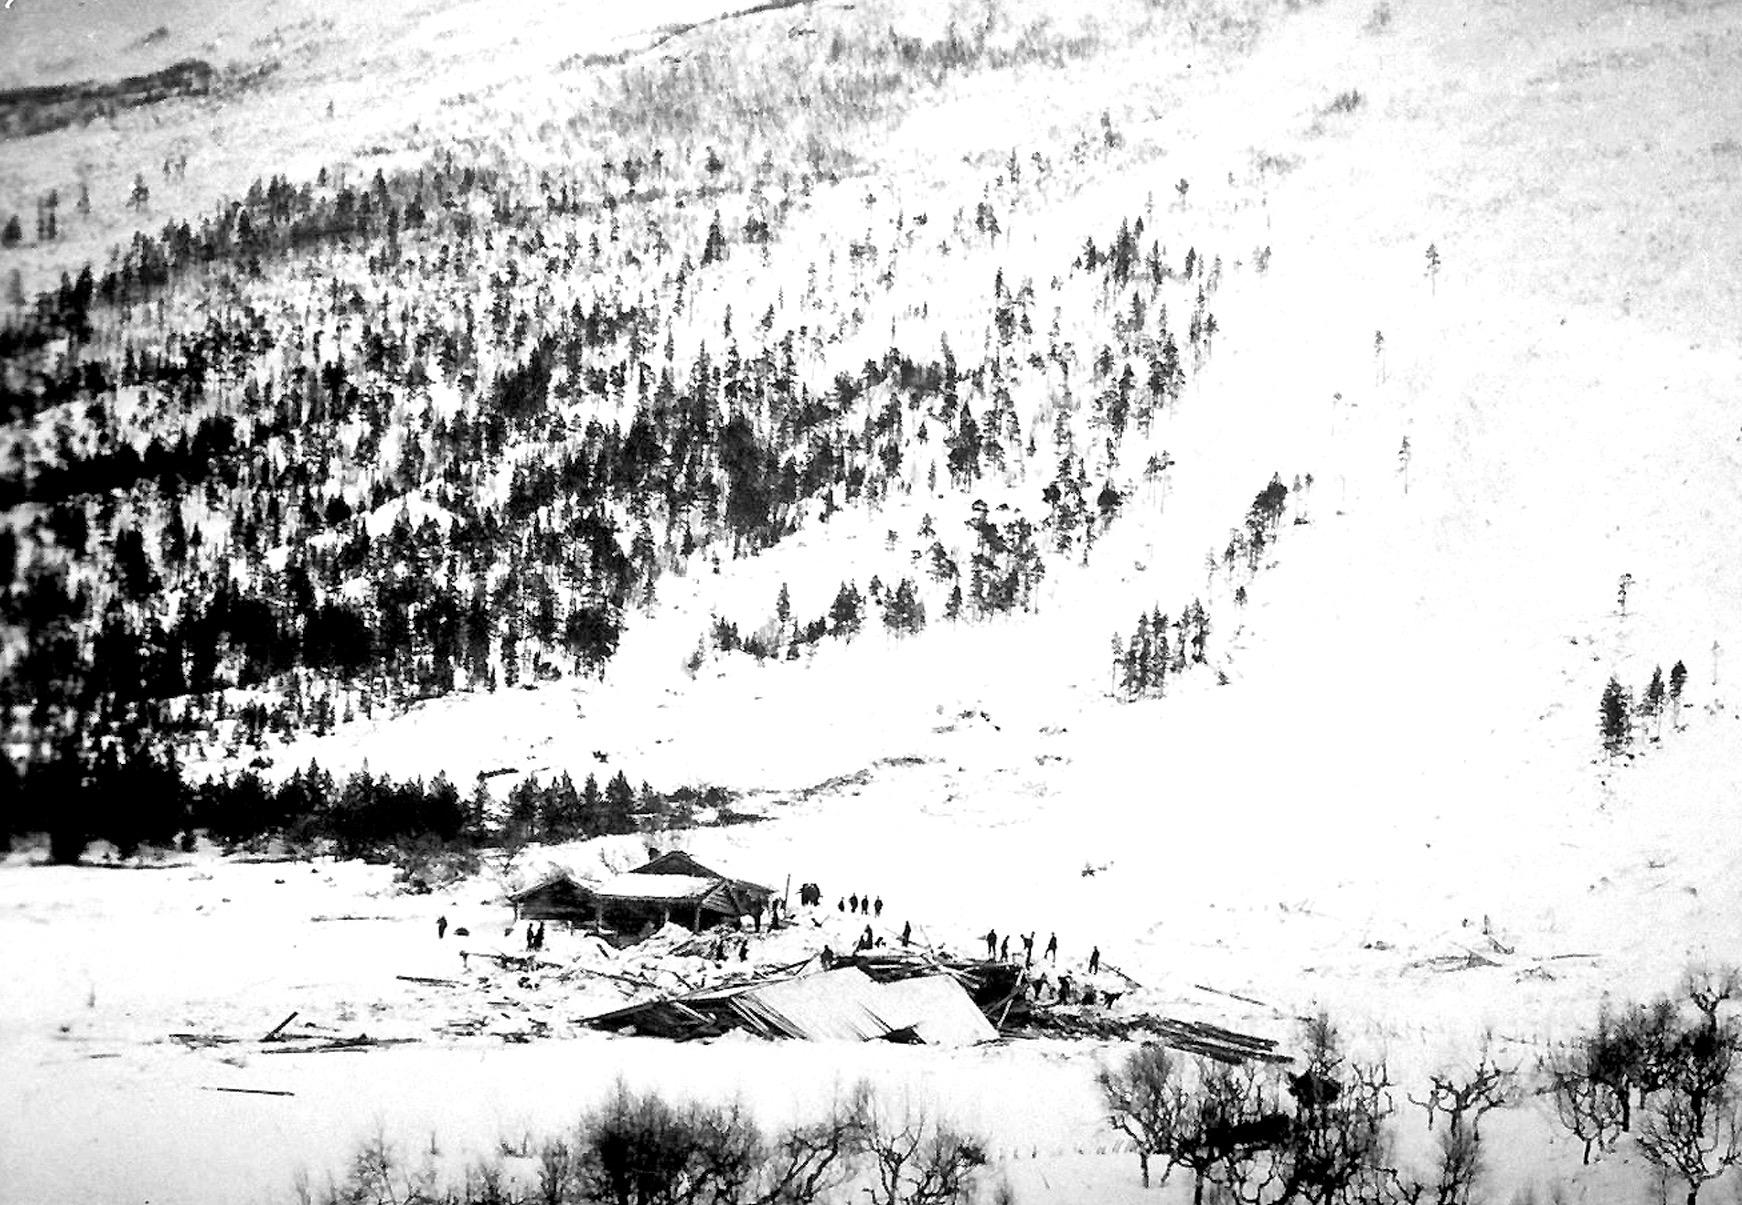 Nr. 264t Snøskred i Skjåk